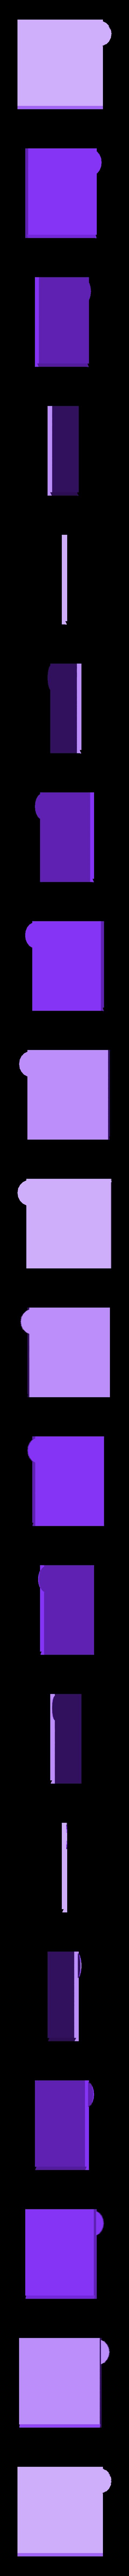 Small_Outer_Wall.stl Télécharger fichier STL gratuit Boîte Dominion Box • Modèle pour imprimante 3D, gthanatos